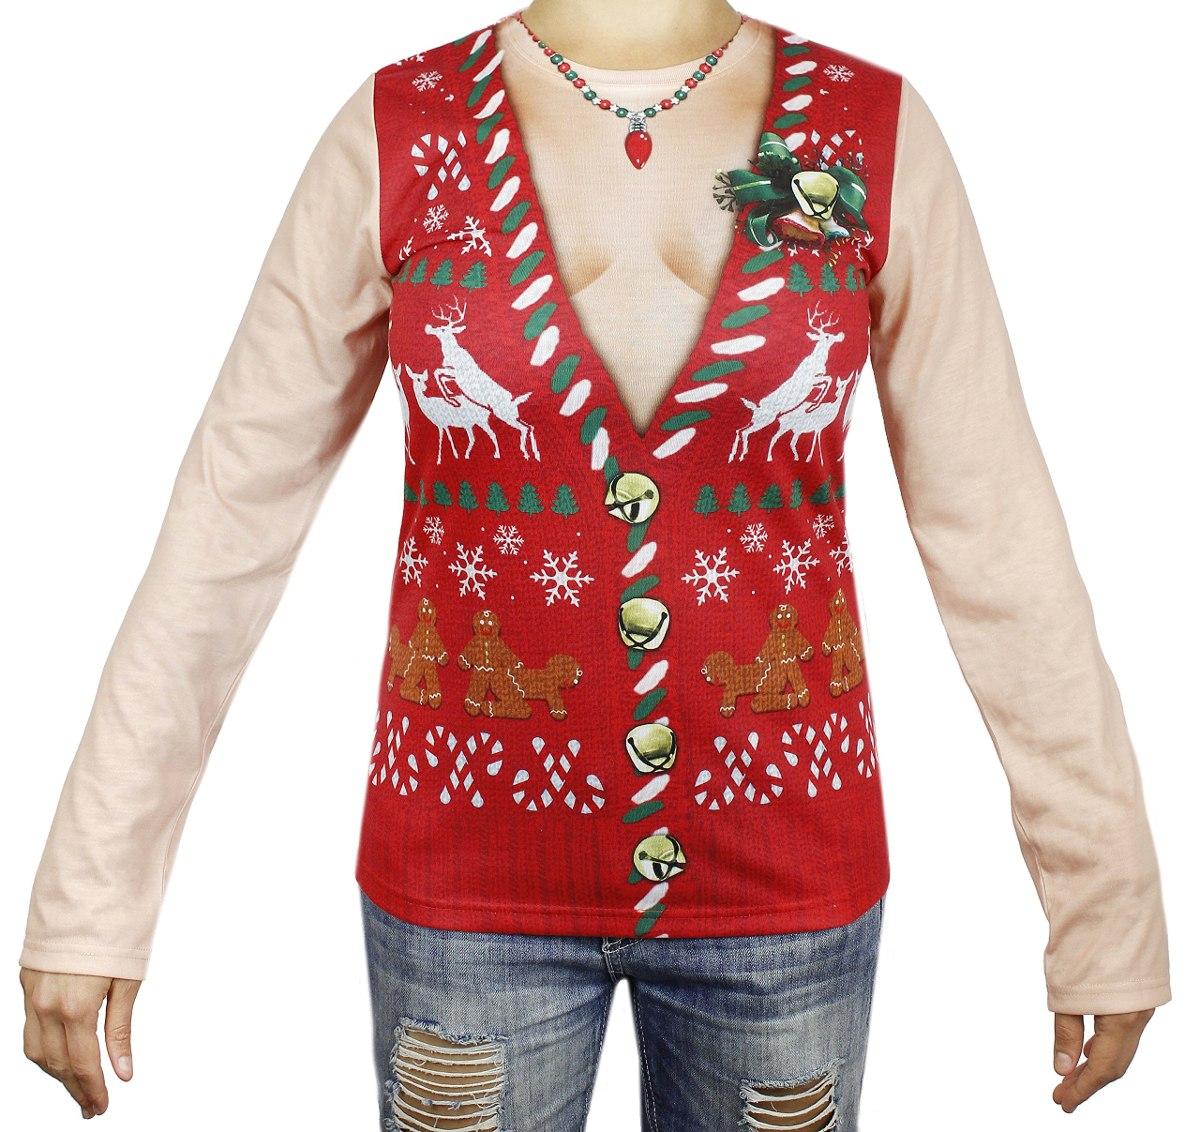 abe85c5a3 navidad-fea-camiseta-imitacion-de-la-mujer -real-impresa-c-D NQ NP 901073-MLU28184794797 092018-F.jpg